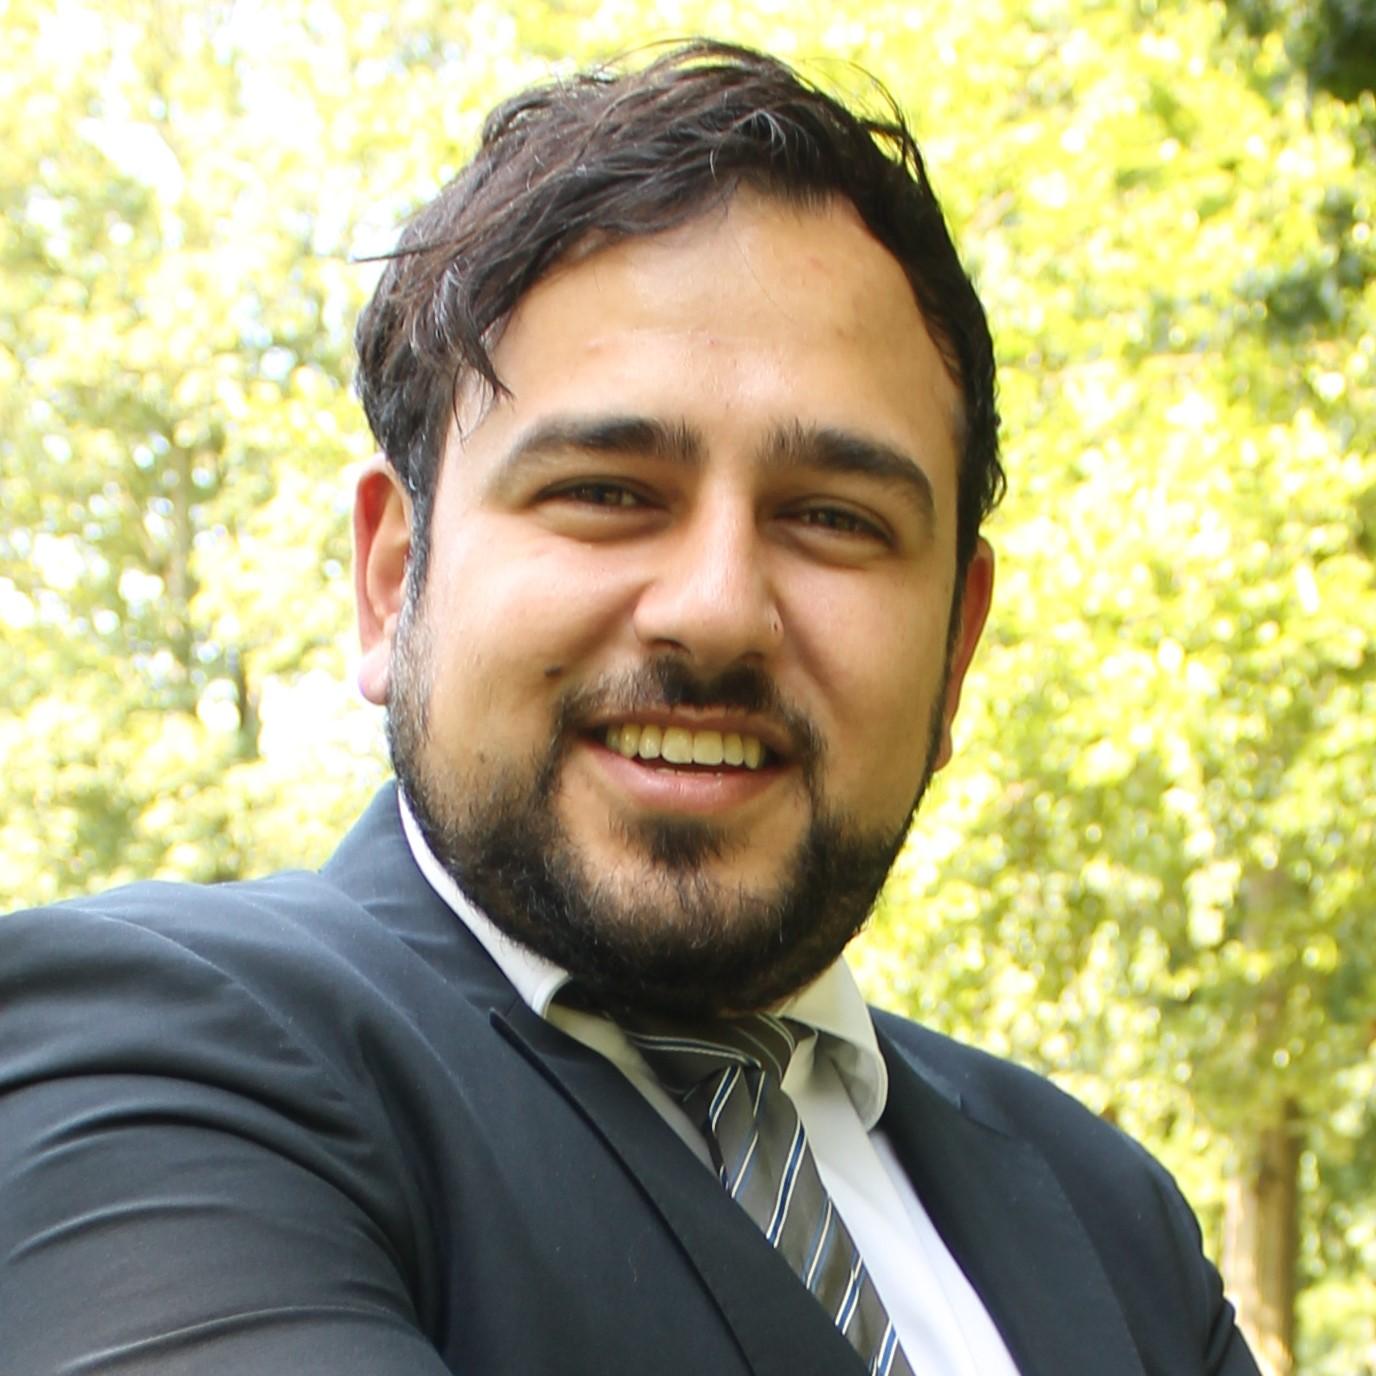 Rang Kazzaz